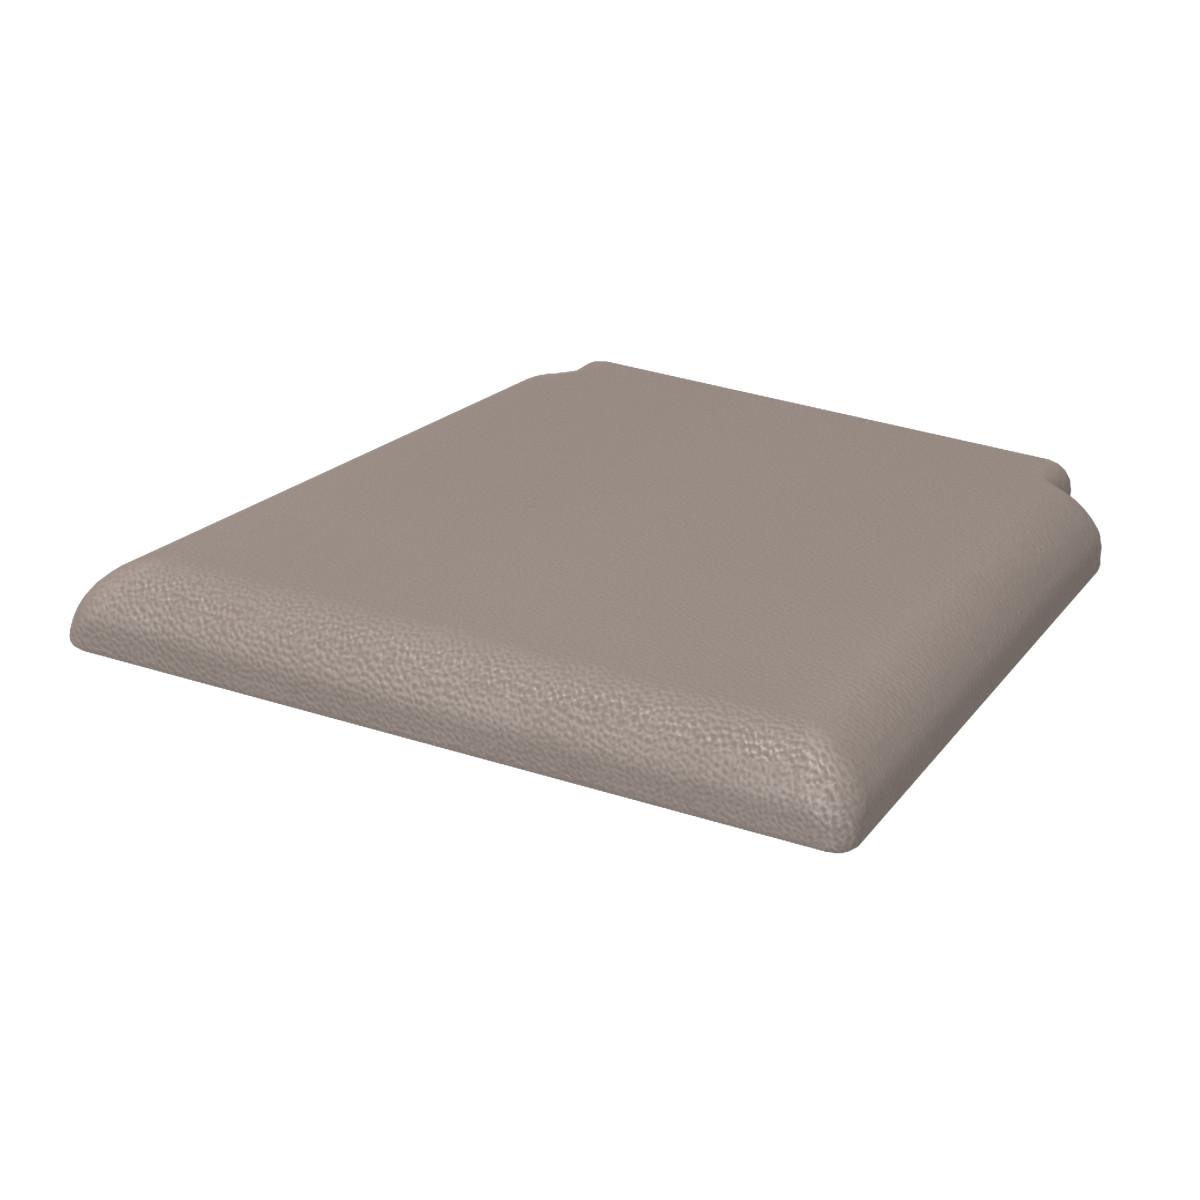 Сиденье стула Delinia Марсель 43.5х40.5 см цвет коричневый